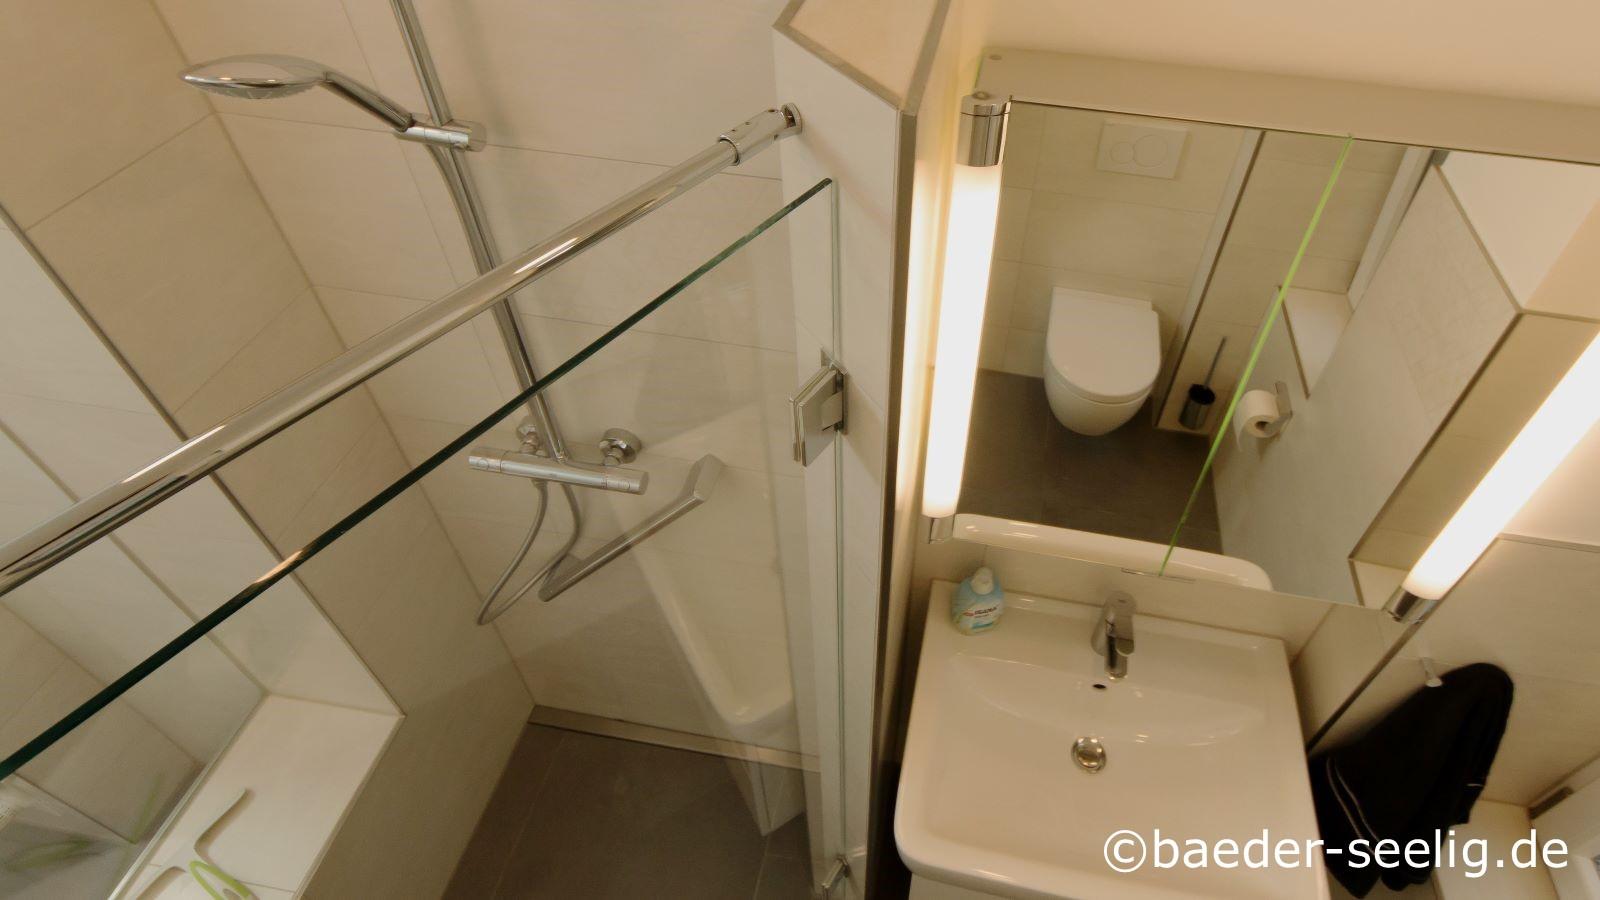 Abgebildet ist eine nachtraeglich waehrend der barrierefreien badrenovierung im altbau nachgeruestete ebenerdige duschkabine nach mass mit einer duschbank. Rechts von der dusche befindet sich der waschtisch mit dem spiegelschrank darueber. Die schmale, dezente v4a edelstahl-duschrinne pro ist passgenau wandbuendig in der wandnische eingebaut worden. Die extra flache duschrinne mit nur 40 mm aufbauhoehe und indidivueller wandaufkantung ermoeglicht die einfache und sichere abdichtung, die einfache herstellung des einseitigen gefaelleestrichs im duschbereich und die einfache verlegung der grossformatigen, pflegeleichten fliesen.